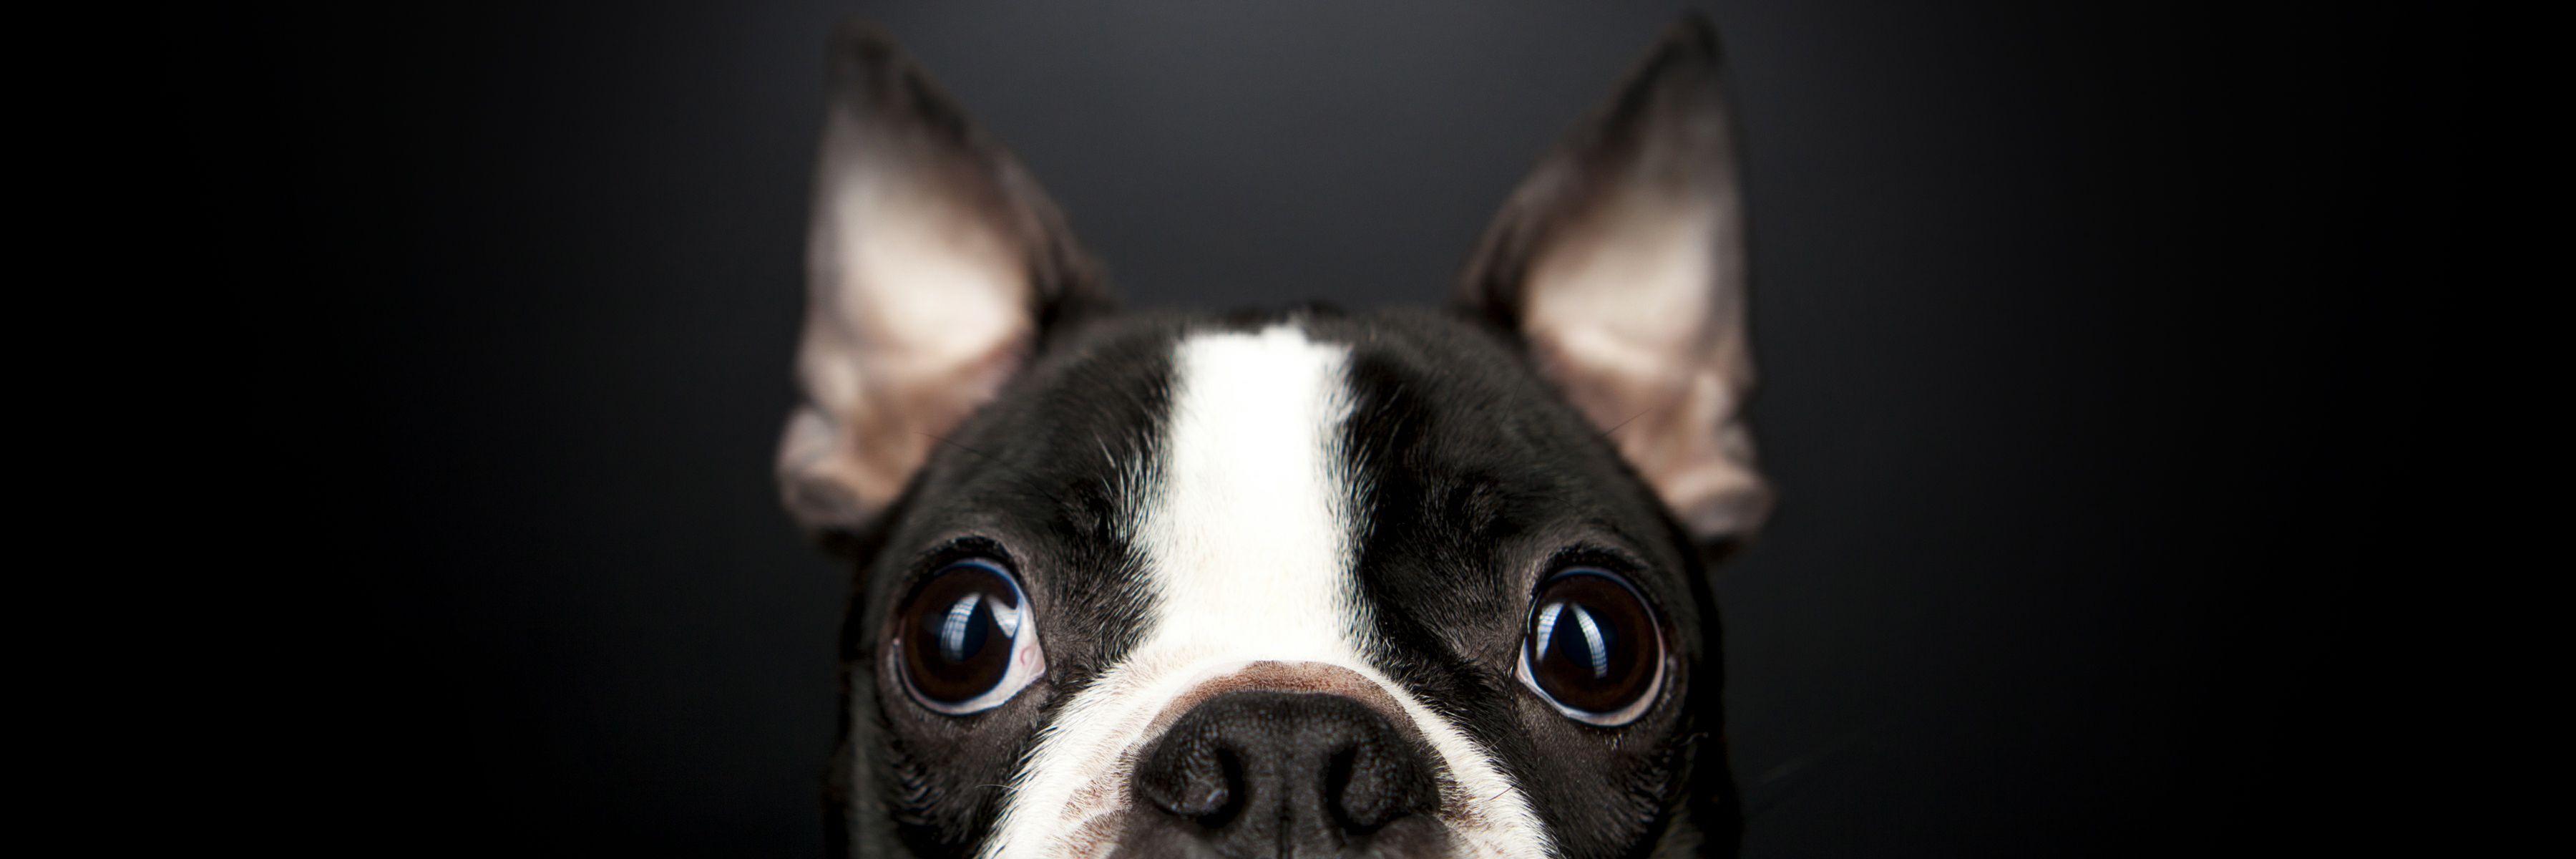 Pet Dog Portrait Photography Dog Portrait Photography Pet